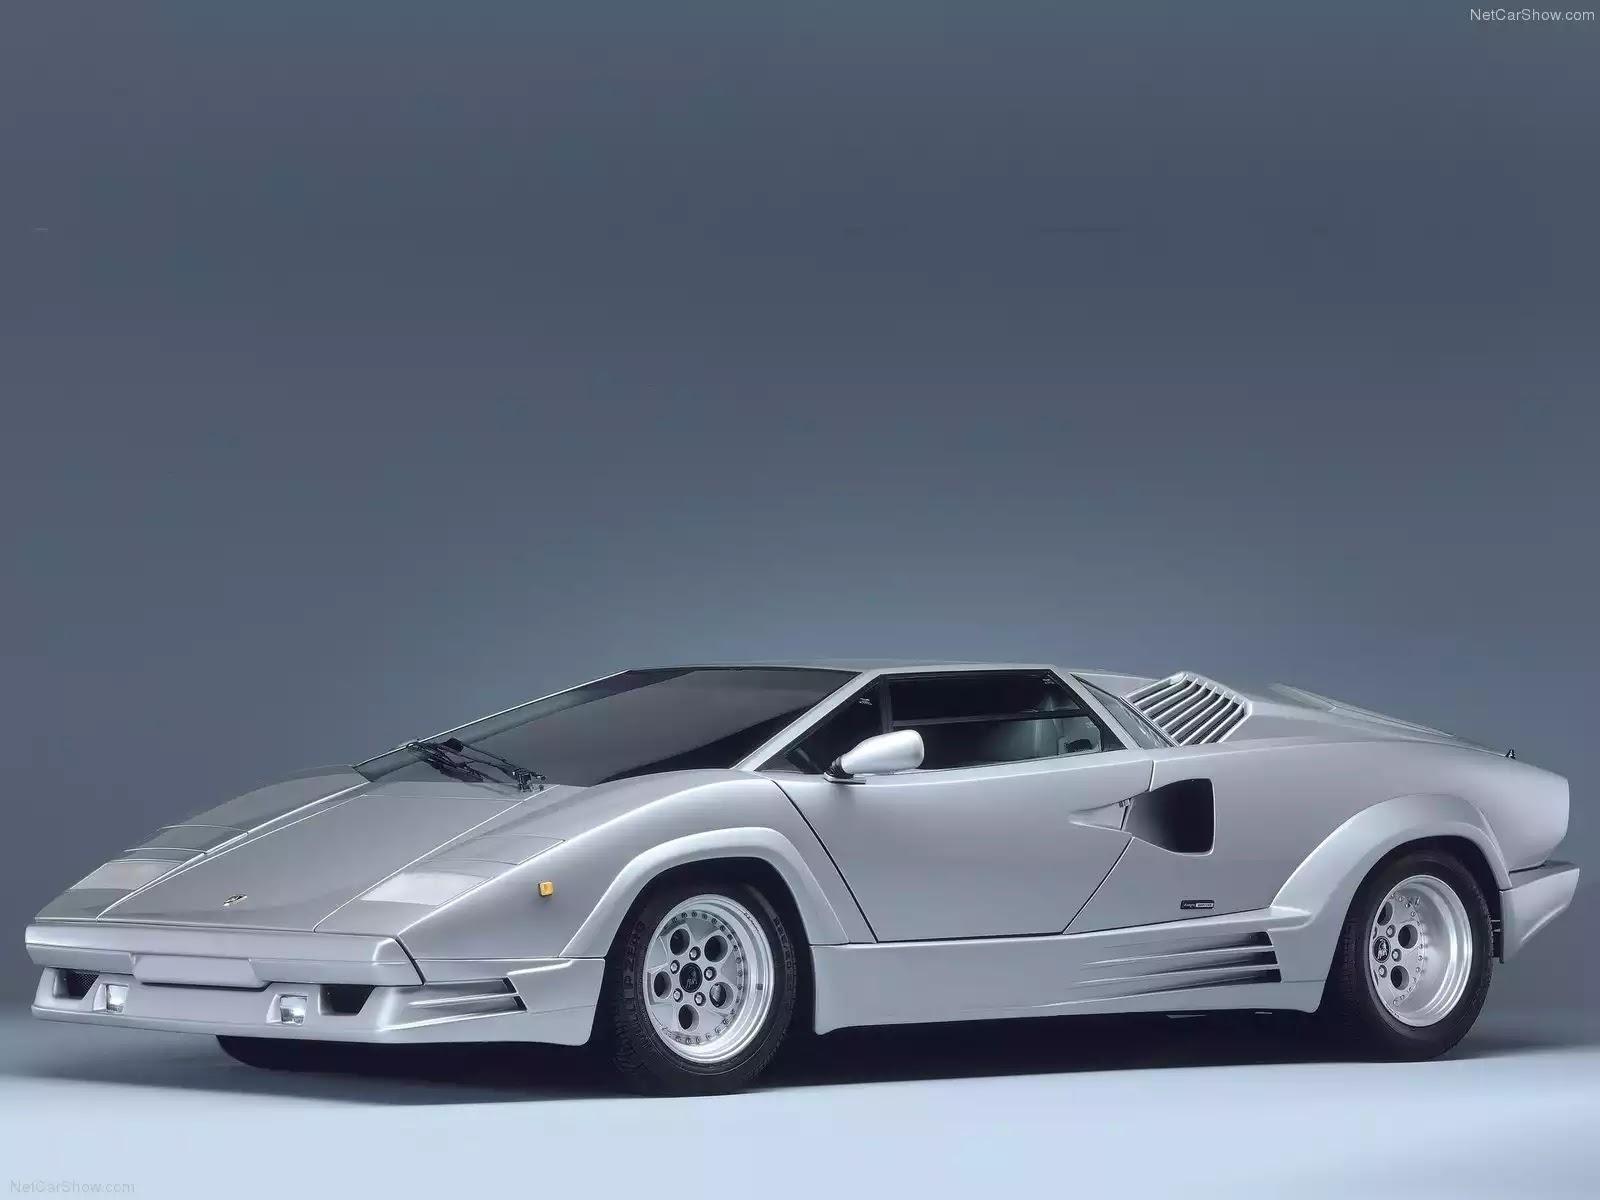 Hình ảnh siêu xe Lamborghini Countach 25th Anniversary 1989 & nội ngoại thất